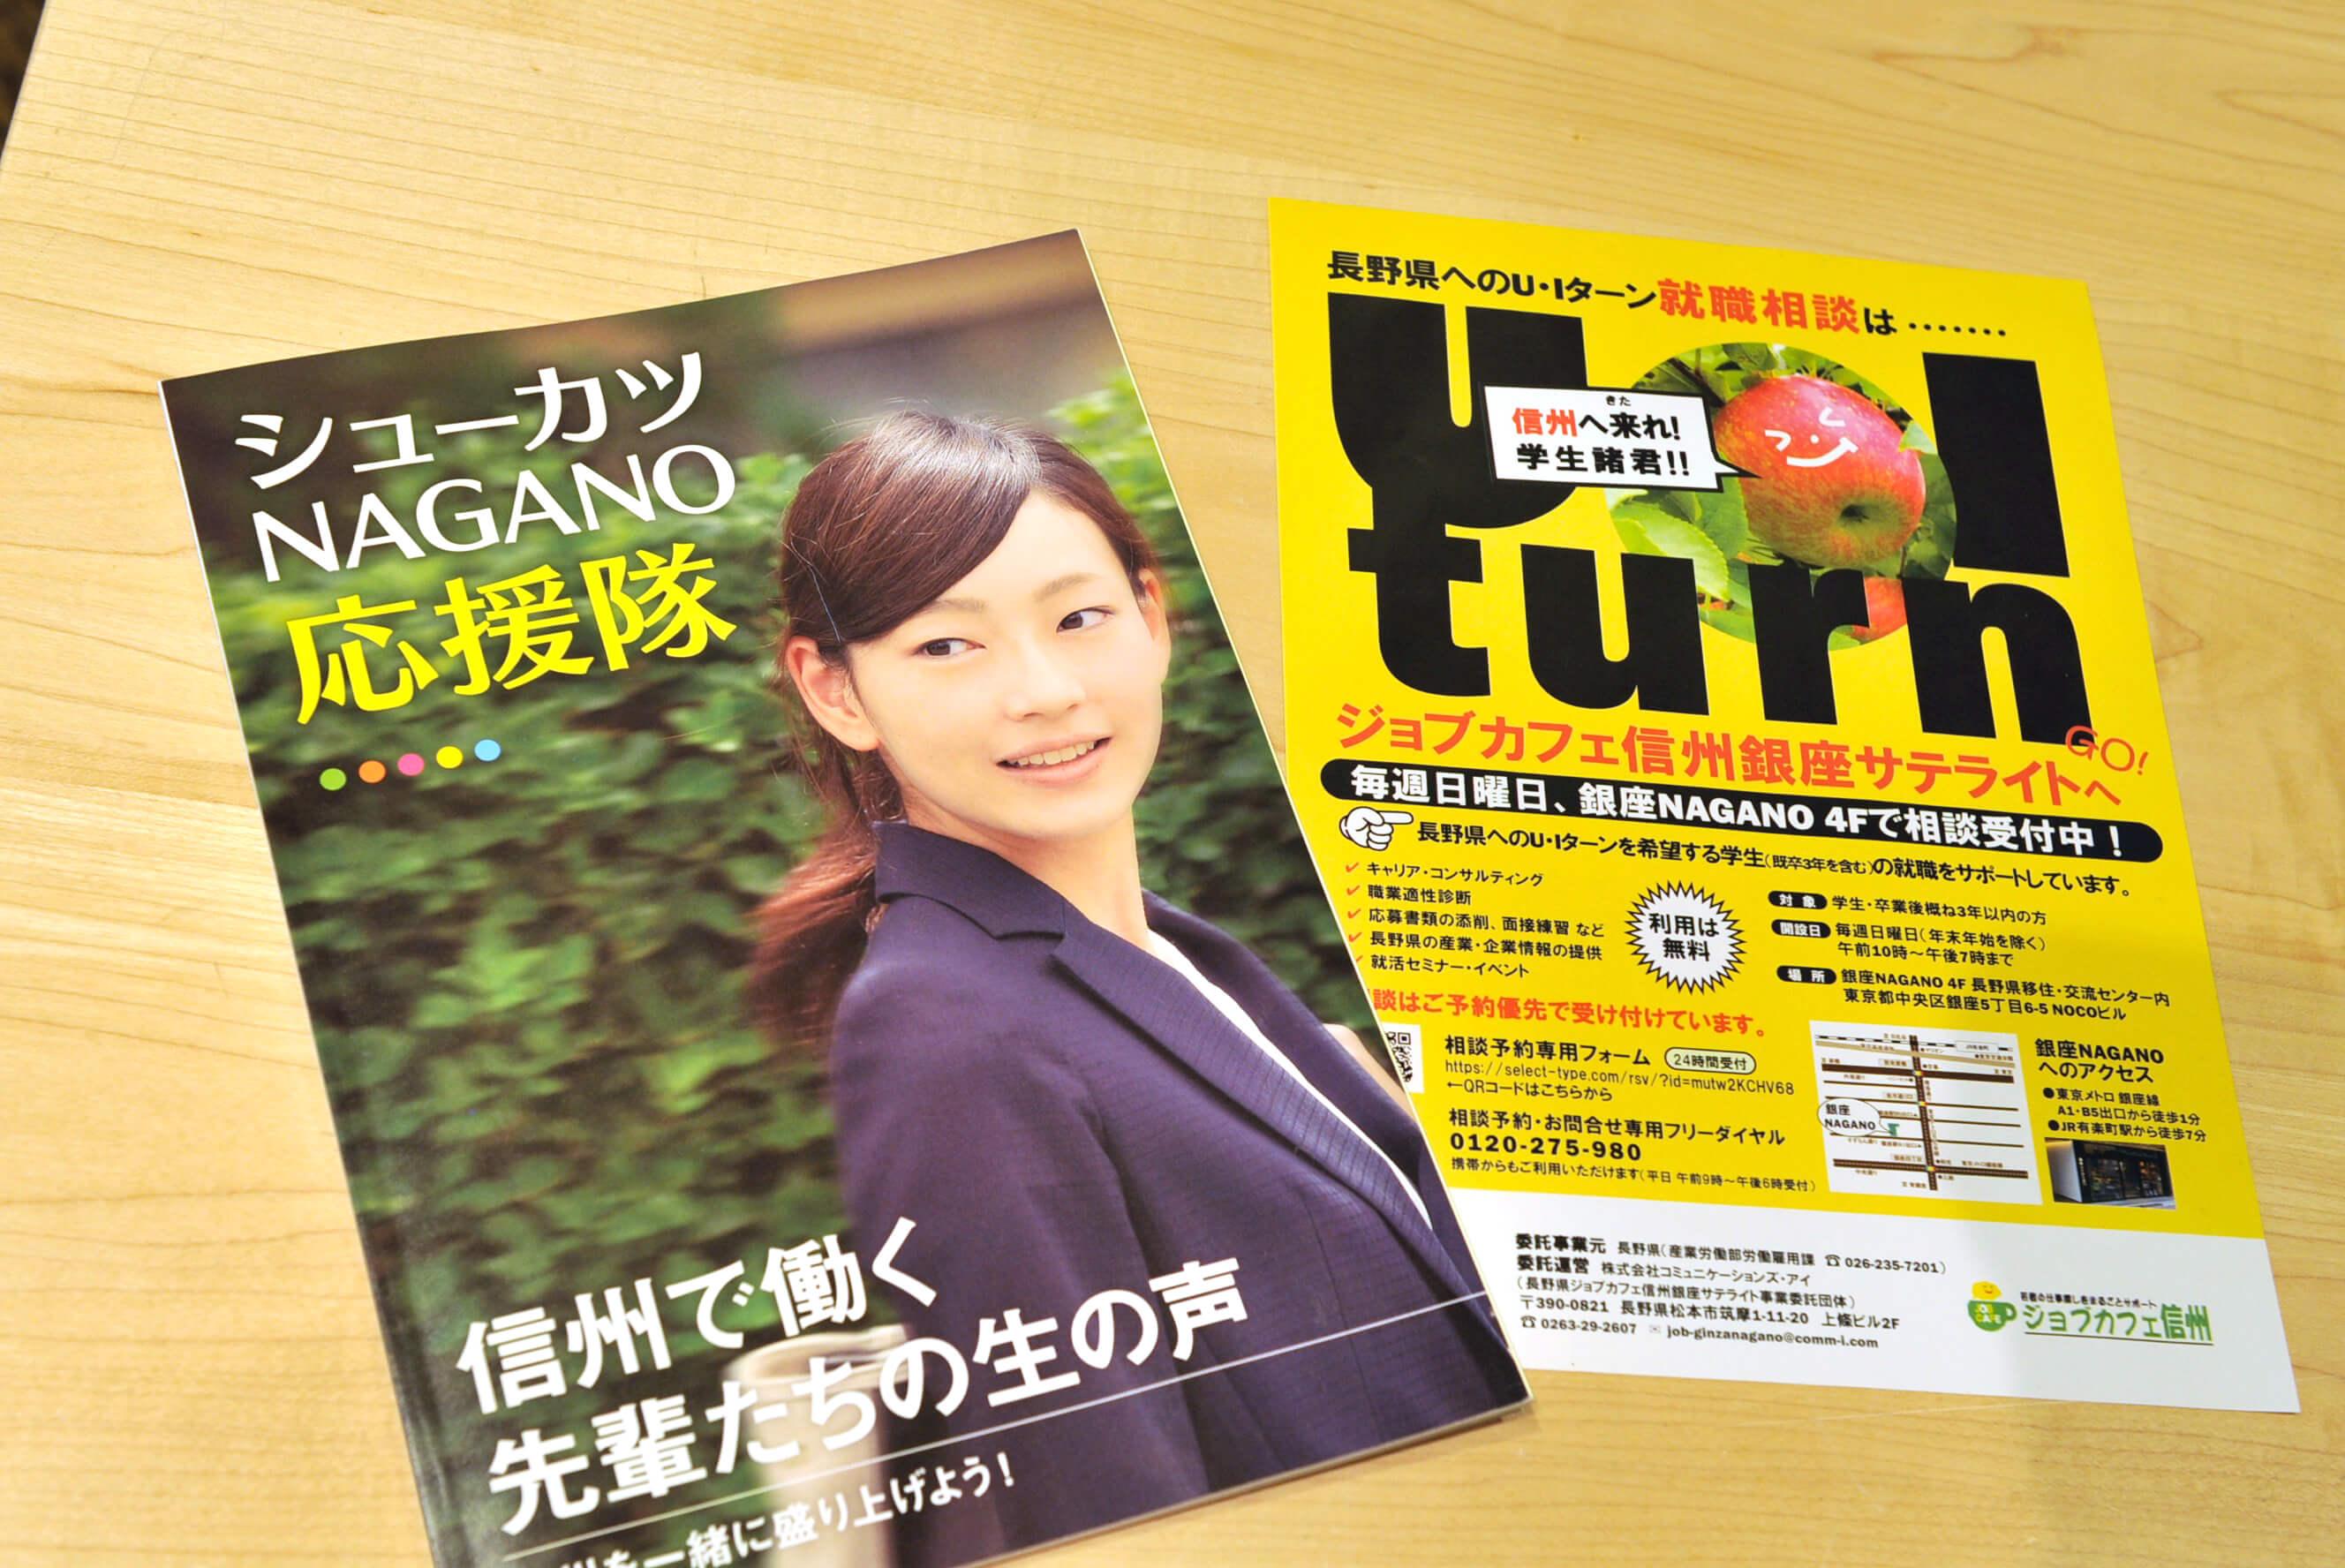 第7回 「シューカツNAGANO応援隊」イベントレポート